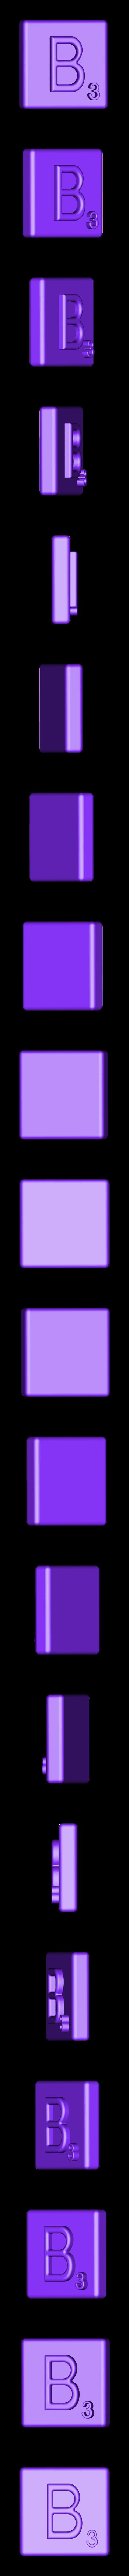 Single_Extruded_B.STL Télécharger fichier STL gratuit Pièces et support SCRABBBLE • Design pour imprimante 3D, Balkhagal4D